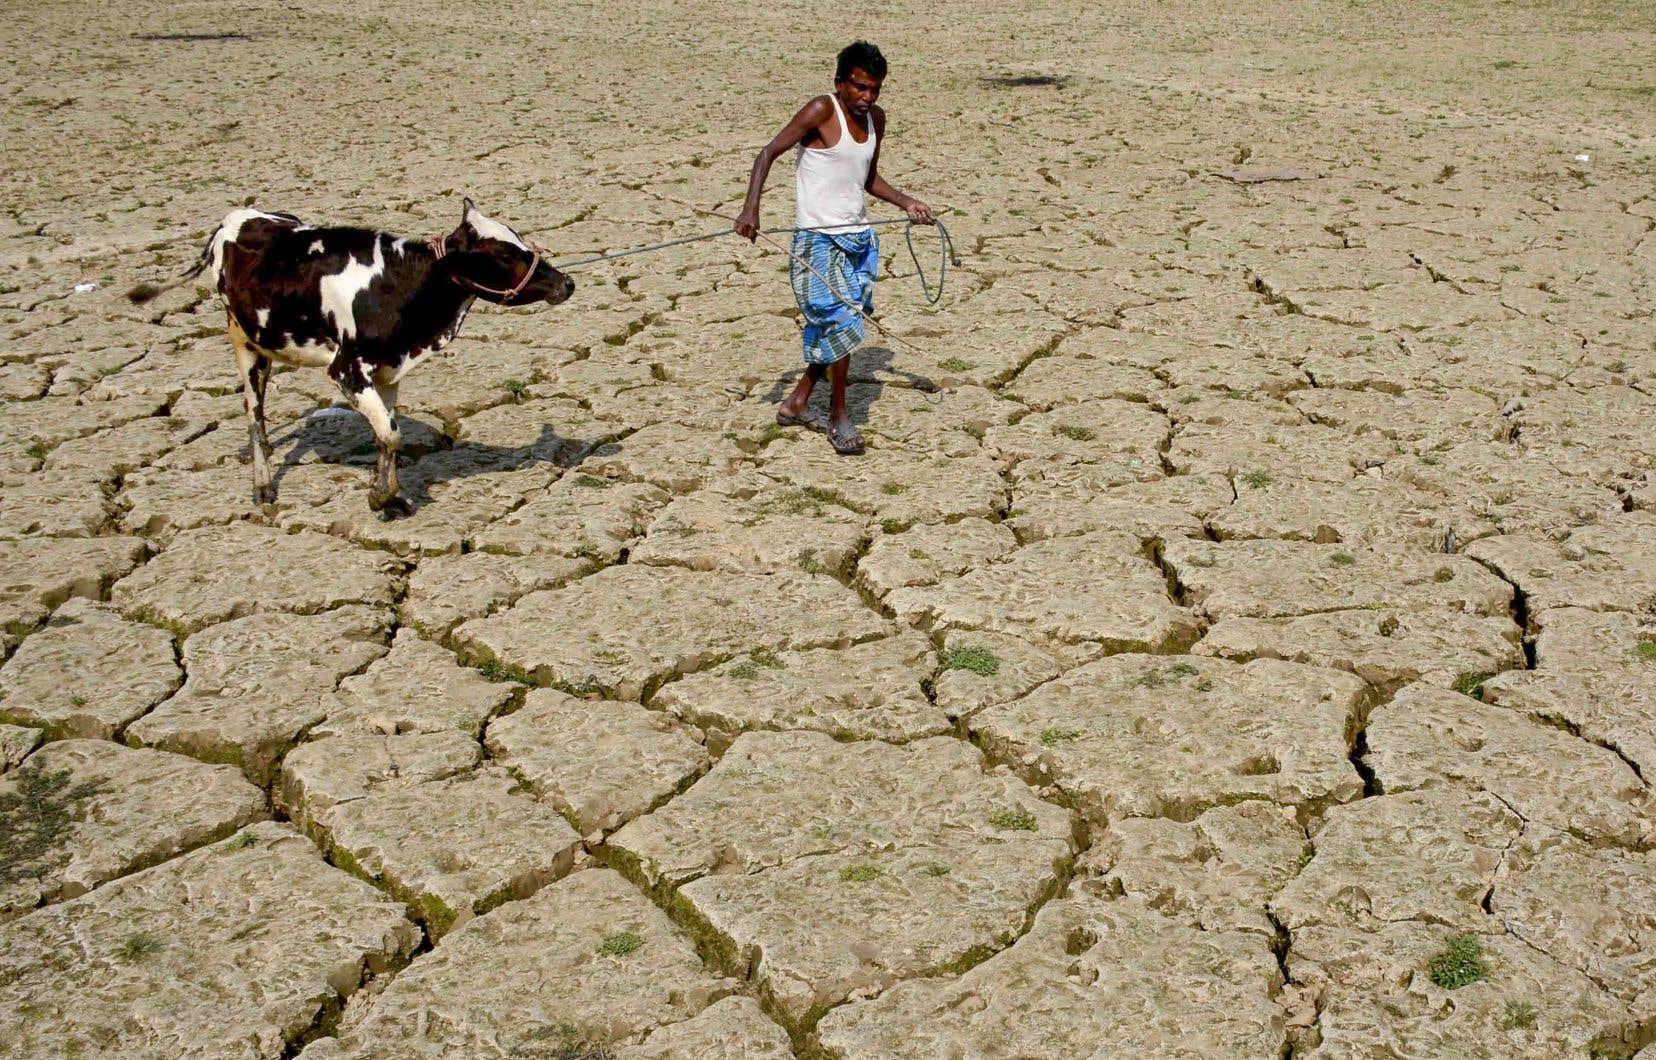 L'Accord de Paris tarde à prendre effet, alors que les conséquences du changement climatique se font déjà sentir.